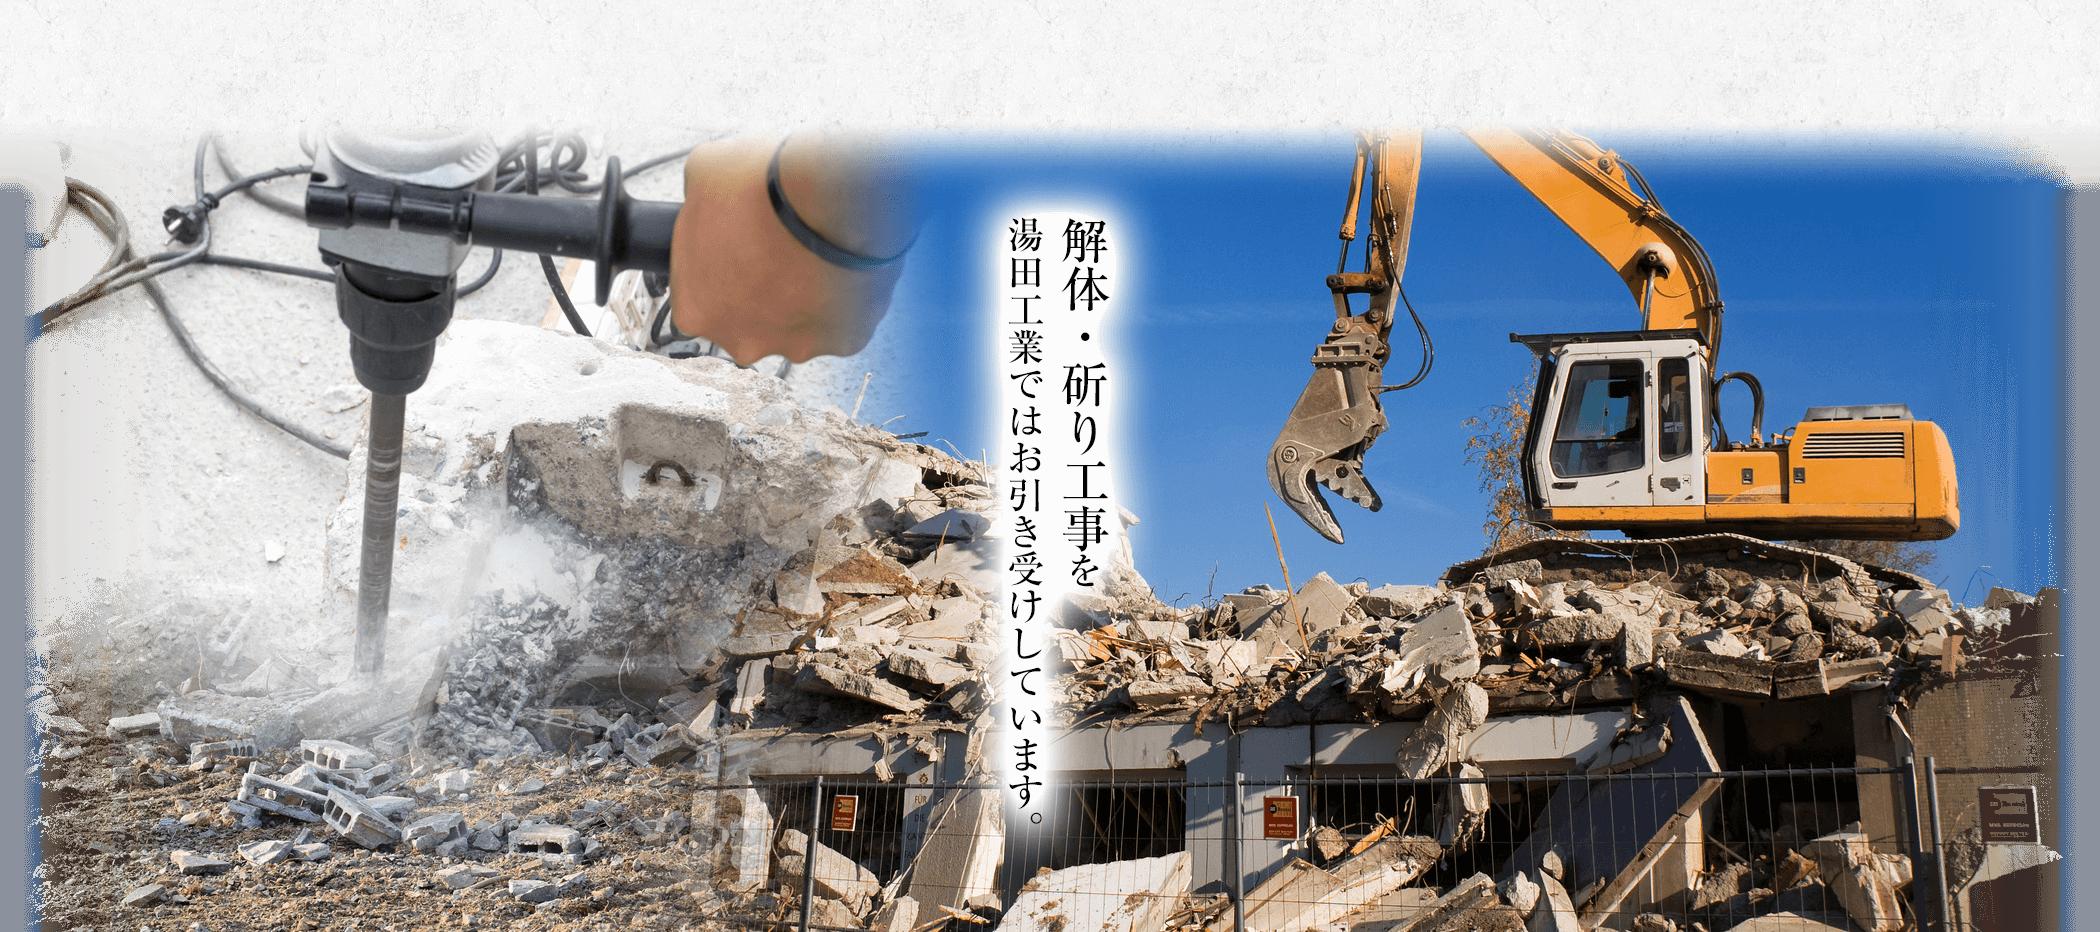 解体・斫り工事を湯田工業ではお引き受けしています。